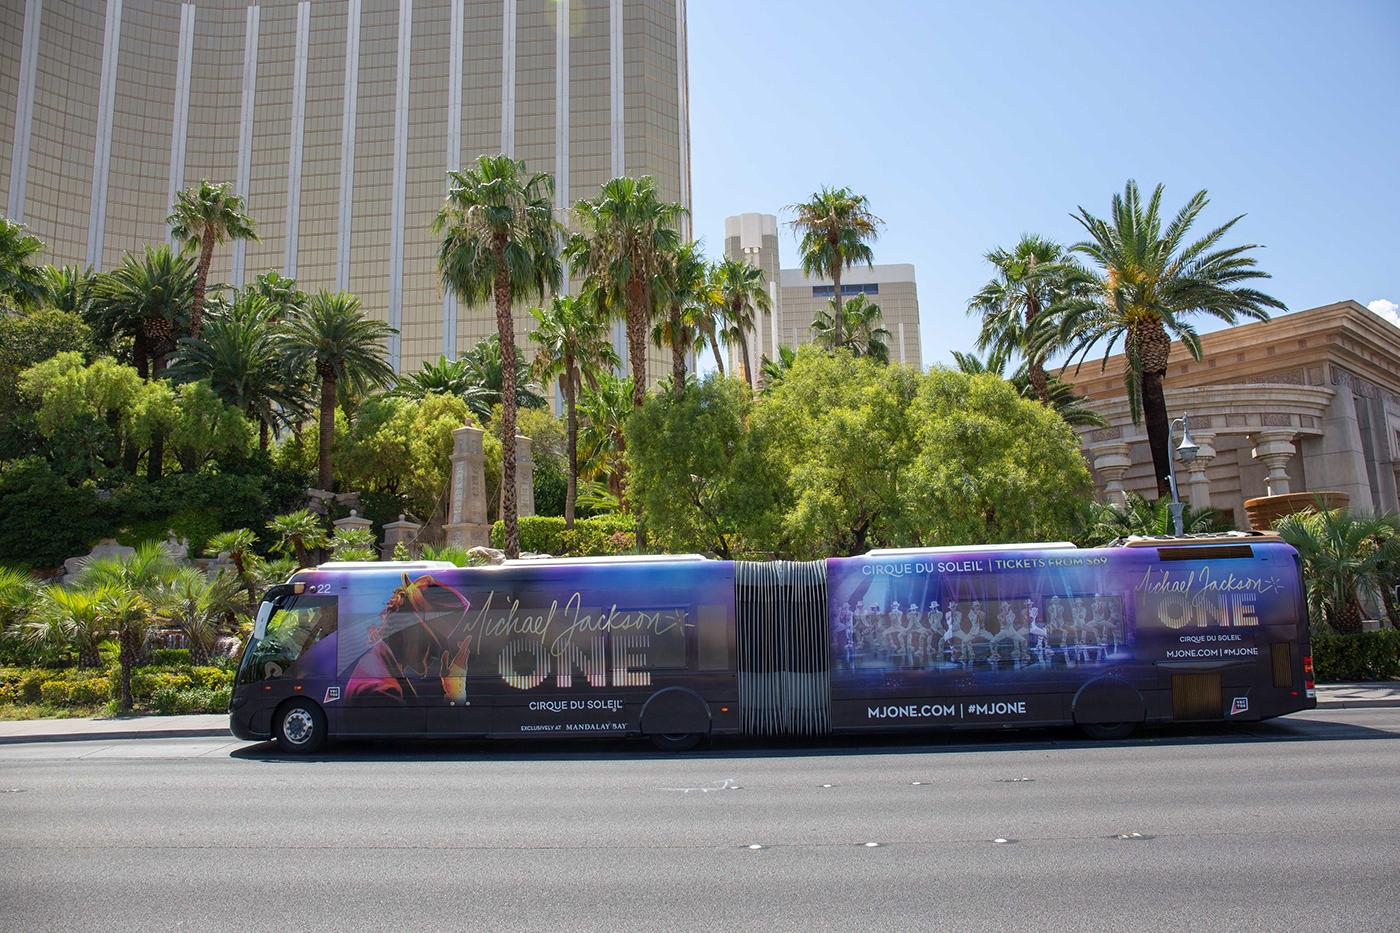 andre Andre Luis Santos Bus Wrap cirque du soleil design graphic design  Las Vegas Michael Jackson santos transit design